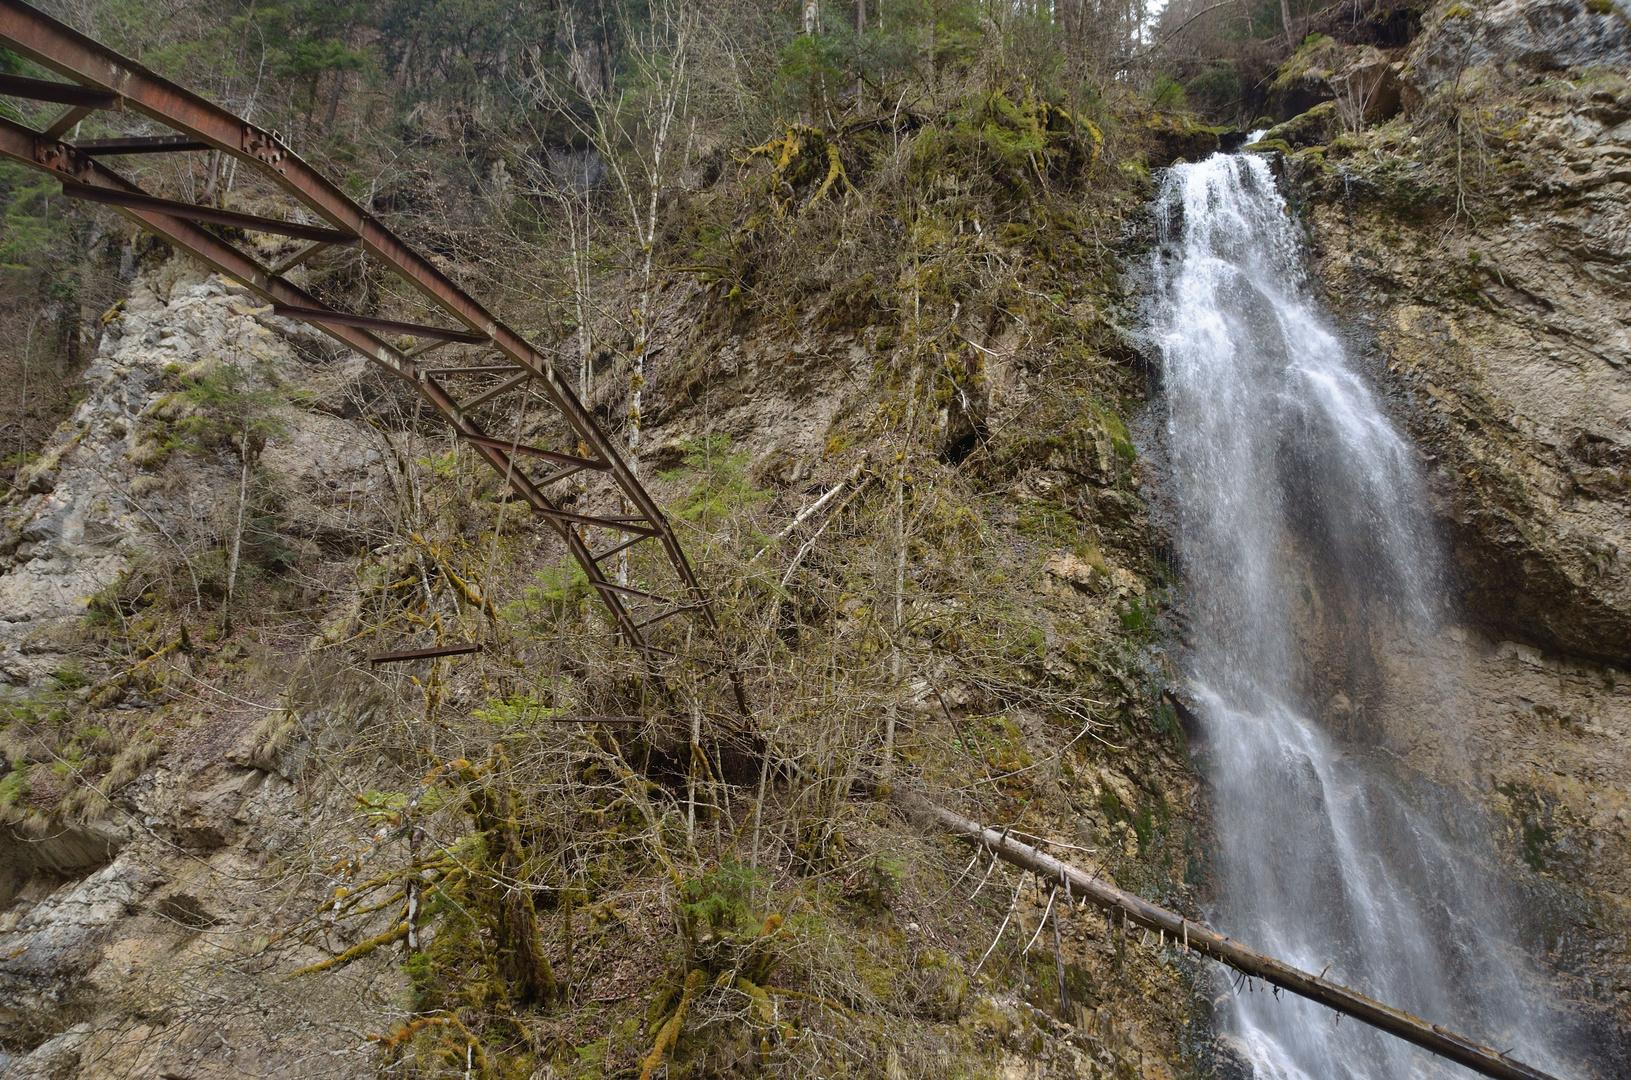 Der Bogen und der Wasserfall